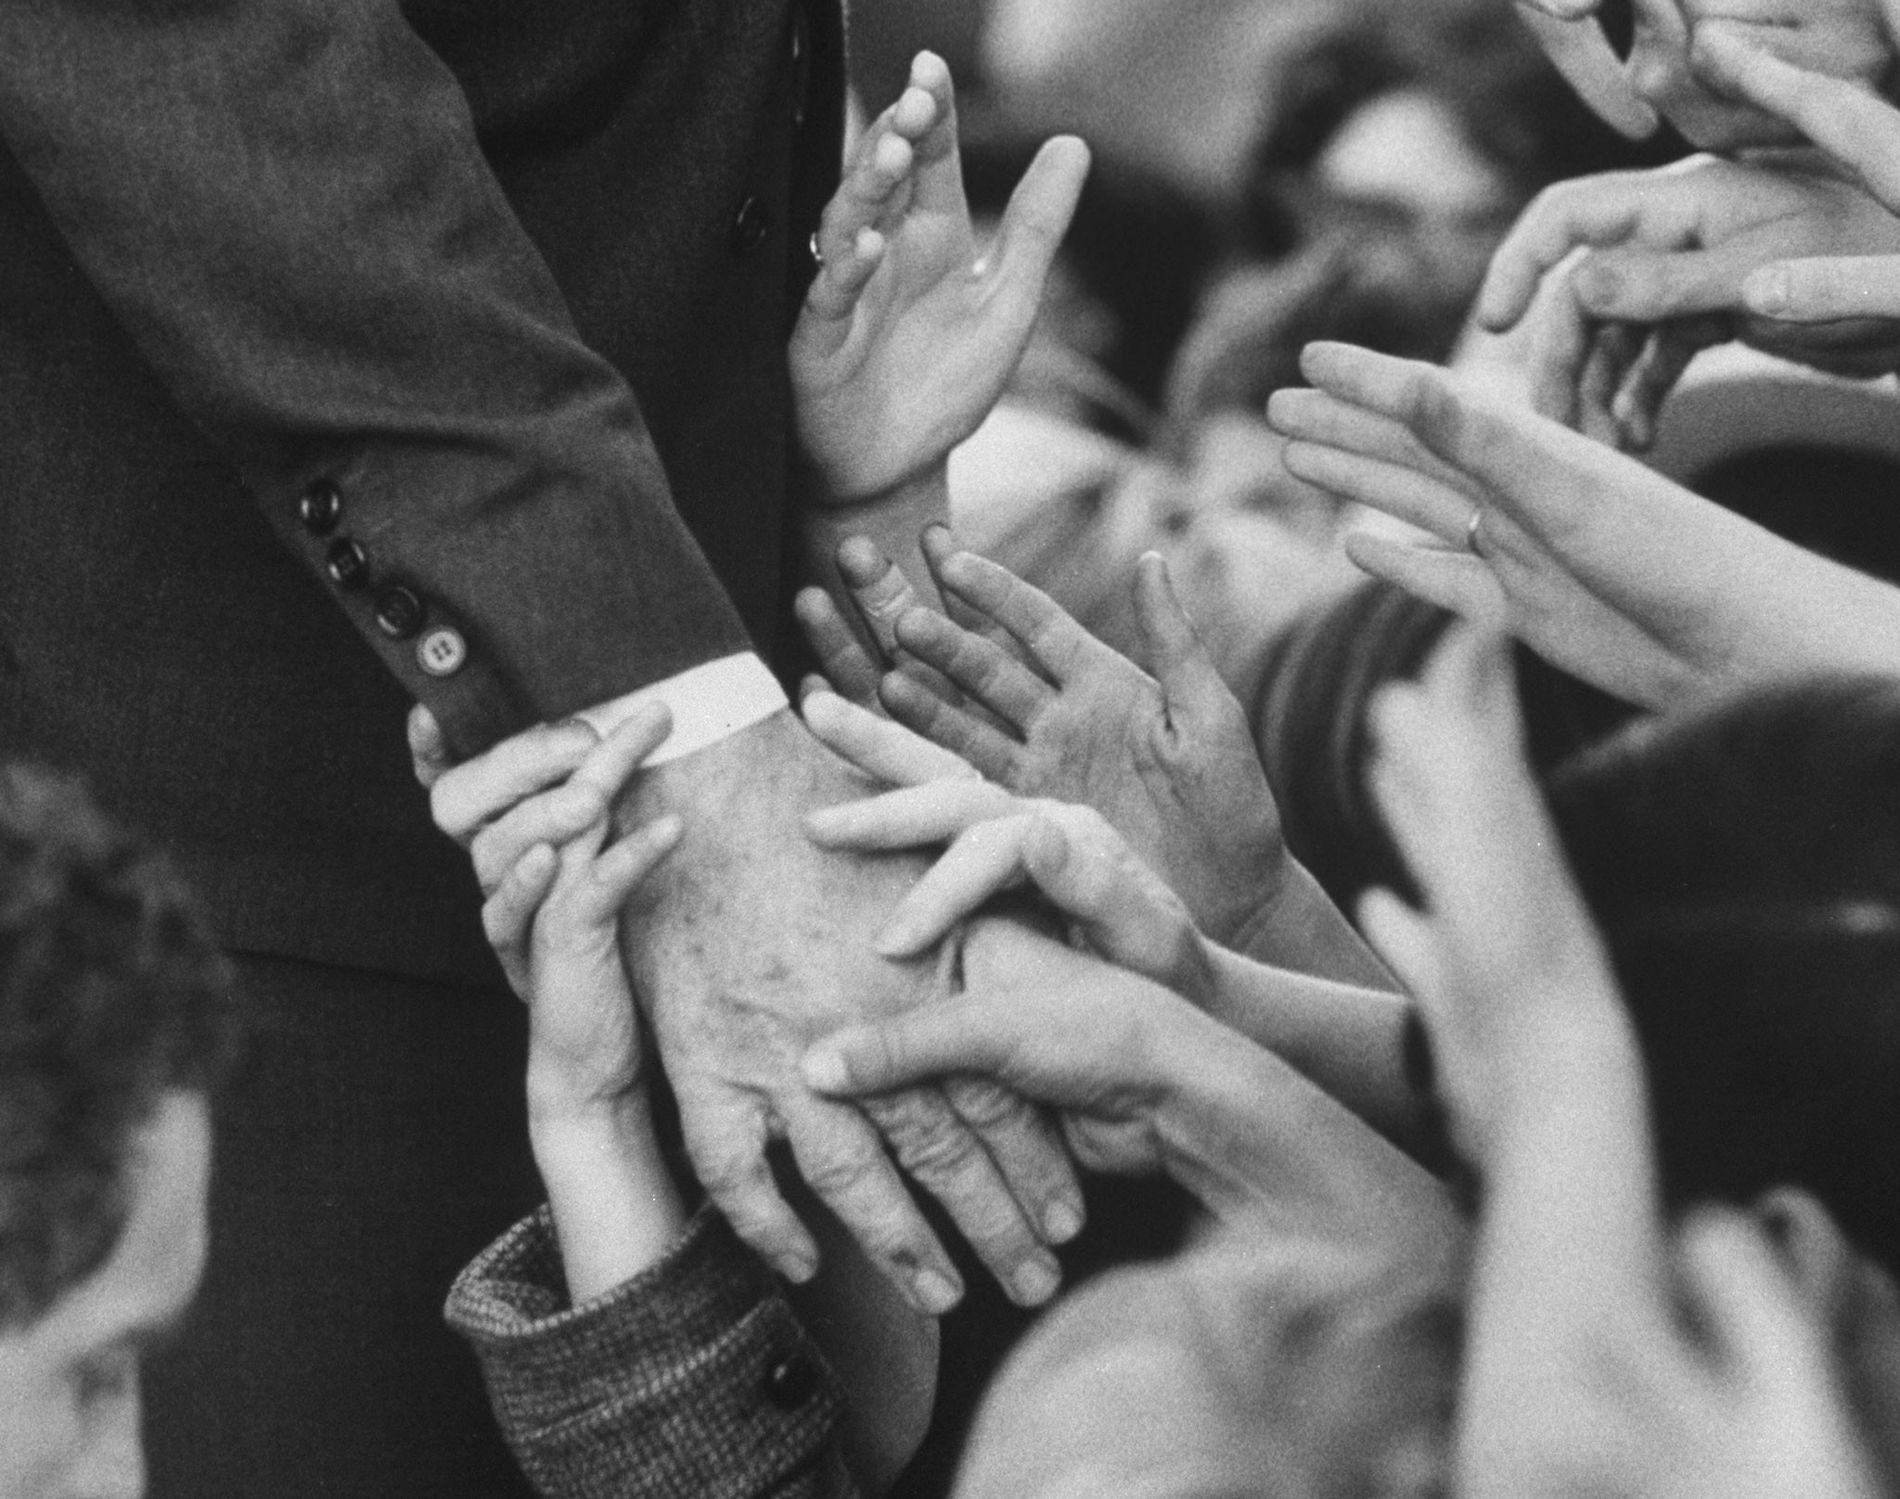 A História do Aperto de Mão Pode Explicar os Contactos de Proximidade com Estranhos